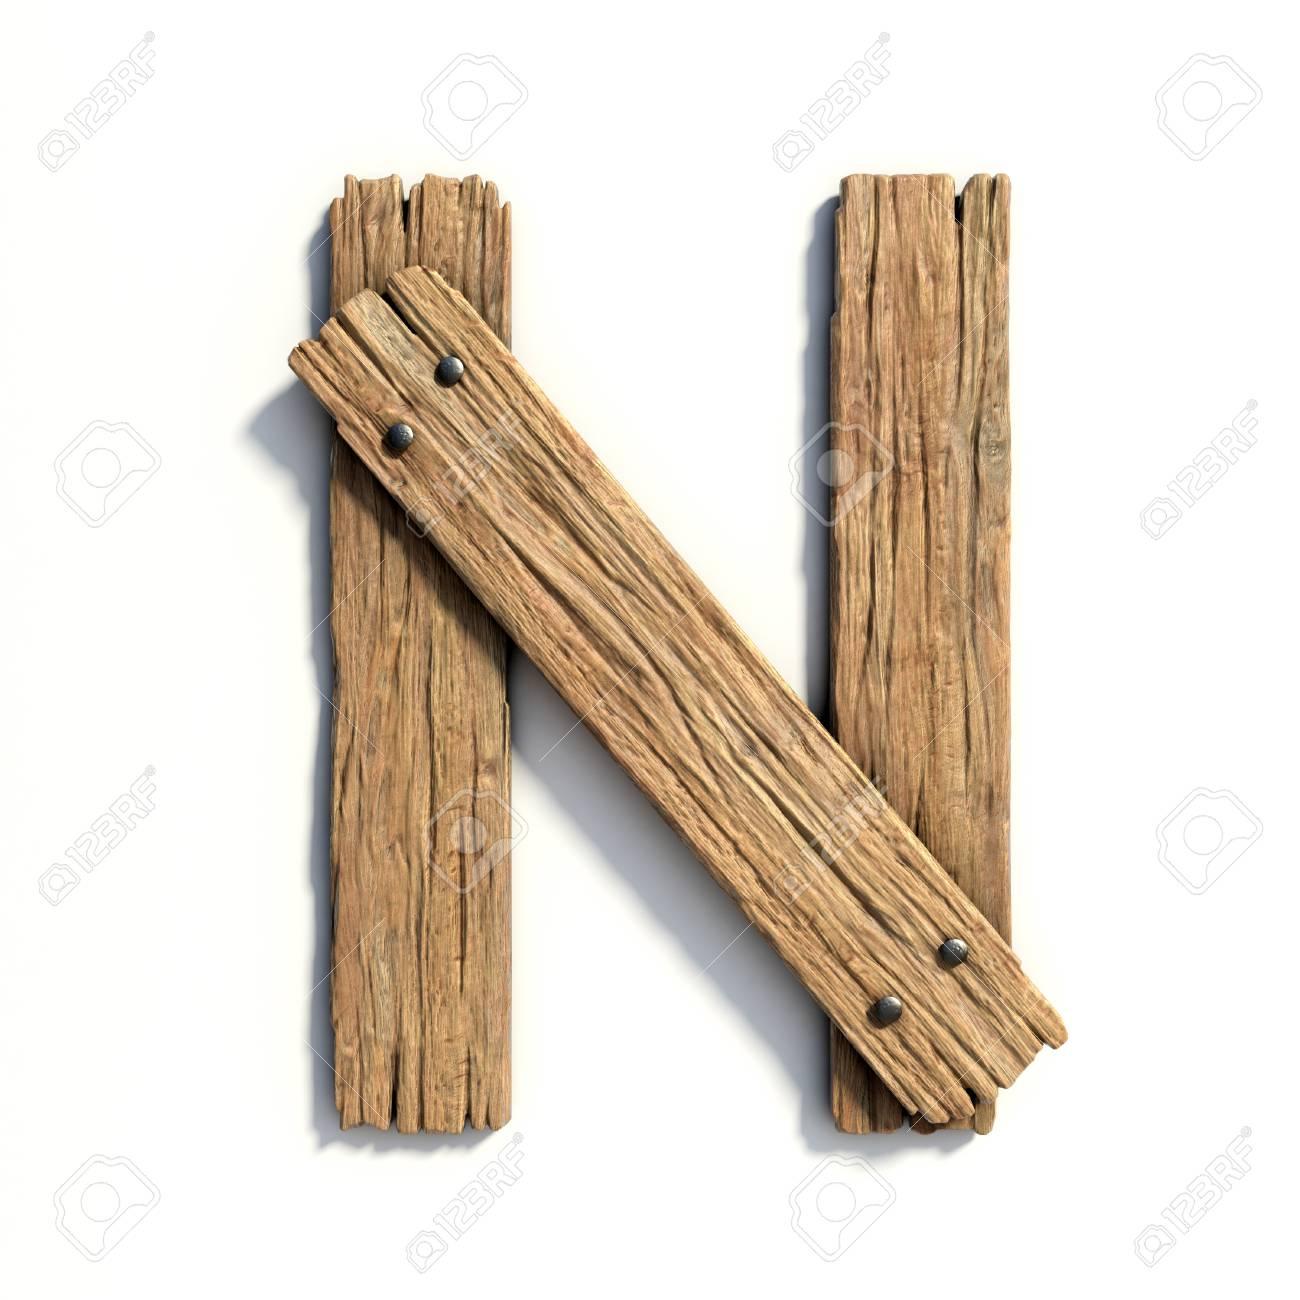 Wood font, plank font letter N - 89059738